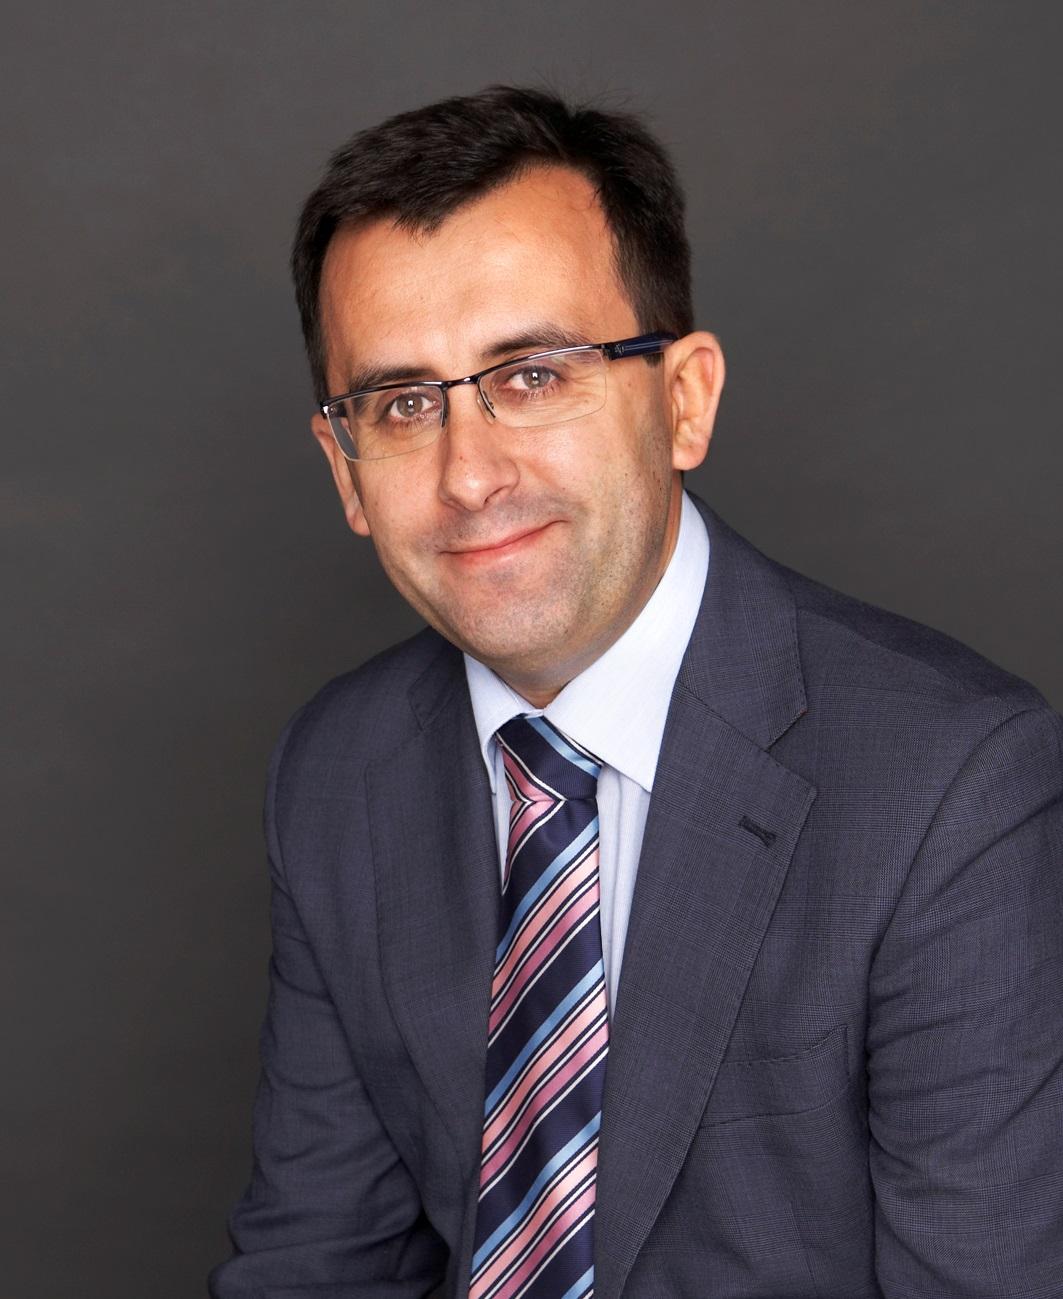 MANUEL J. RODRÍGUEZ ALONSO